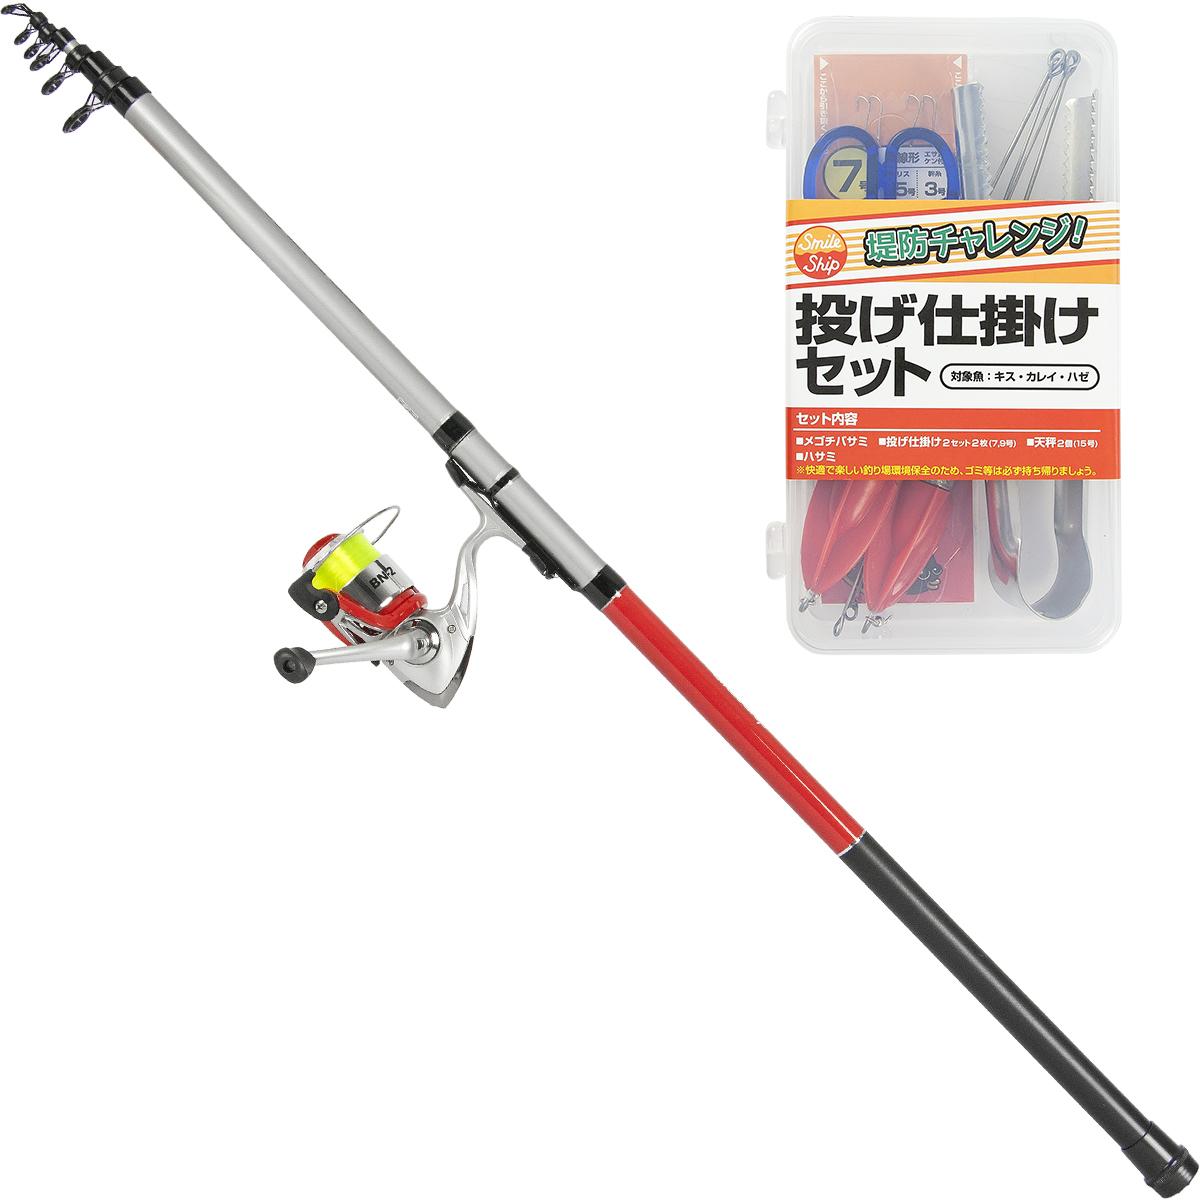 直営限定アウトレット スマイルシップ ちょい投げ釣り セット330cm 同梱不可 お値打ち価格で 釣り竿 仕掛付